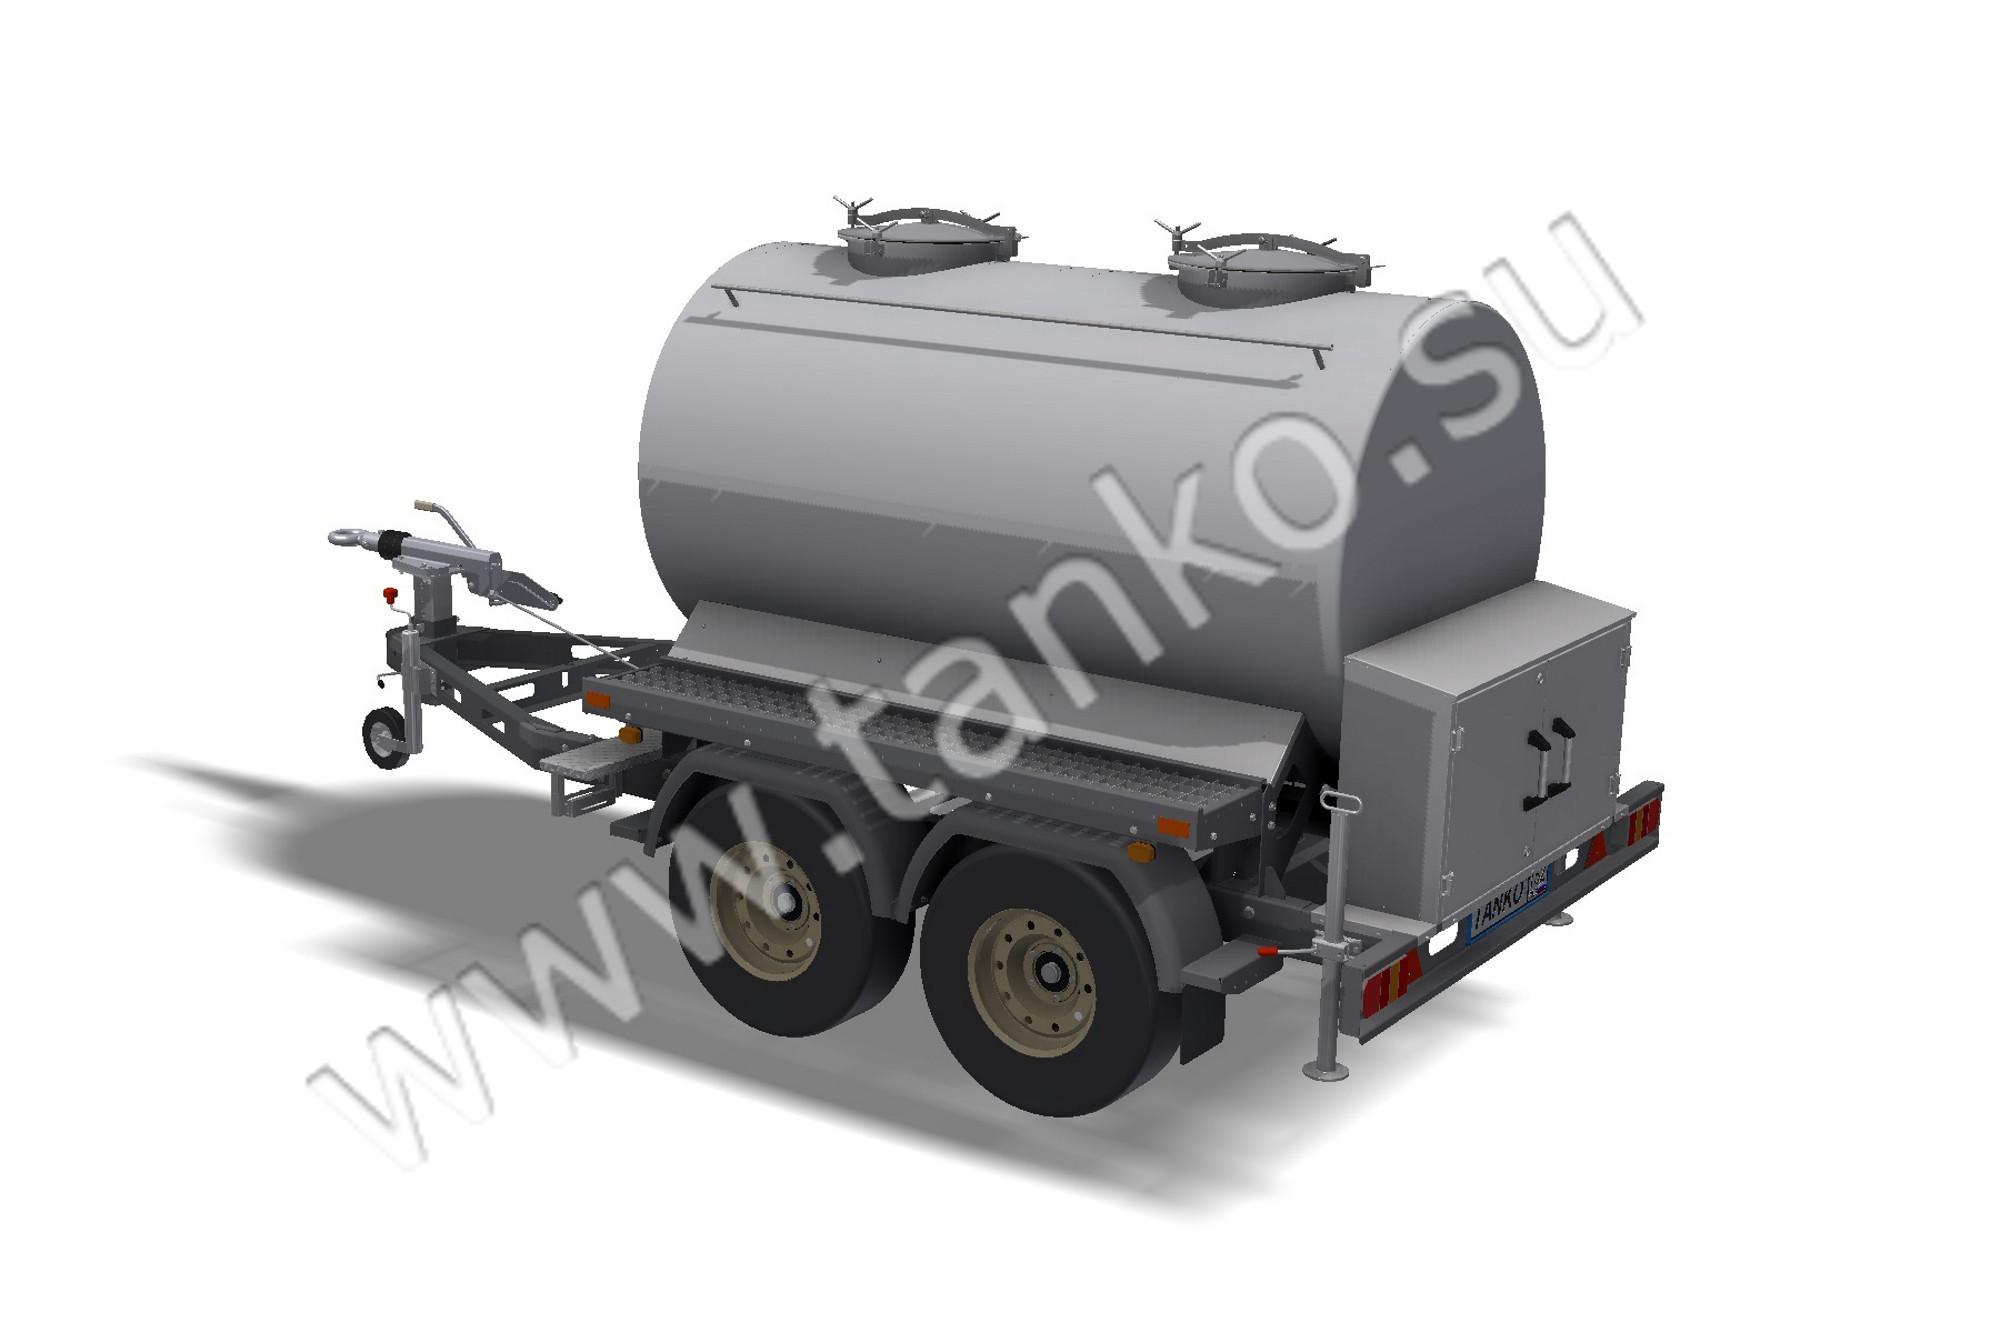 Водовоз, цистерна для подвоза воды, 2 тонны, прицеп-цистерна для жидкостей